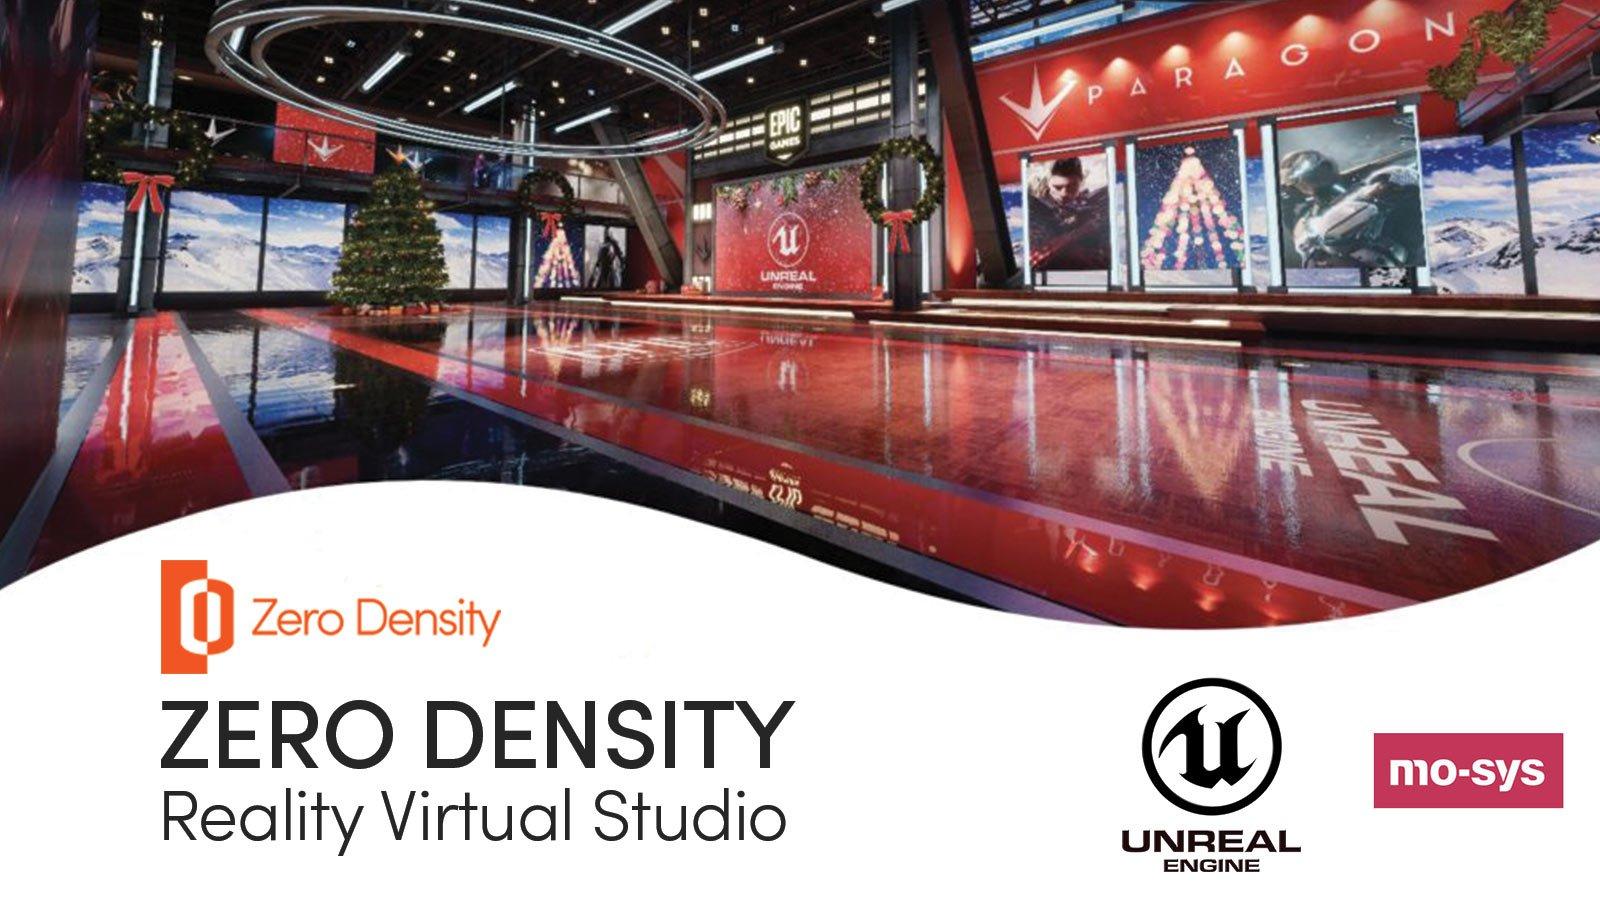 unreal engine reality virtual studio